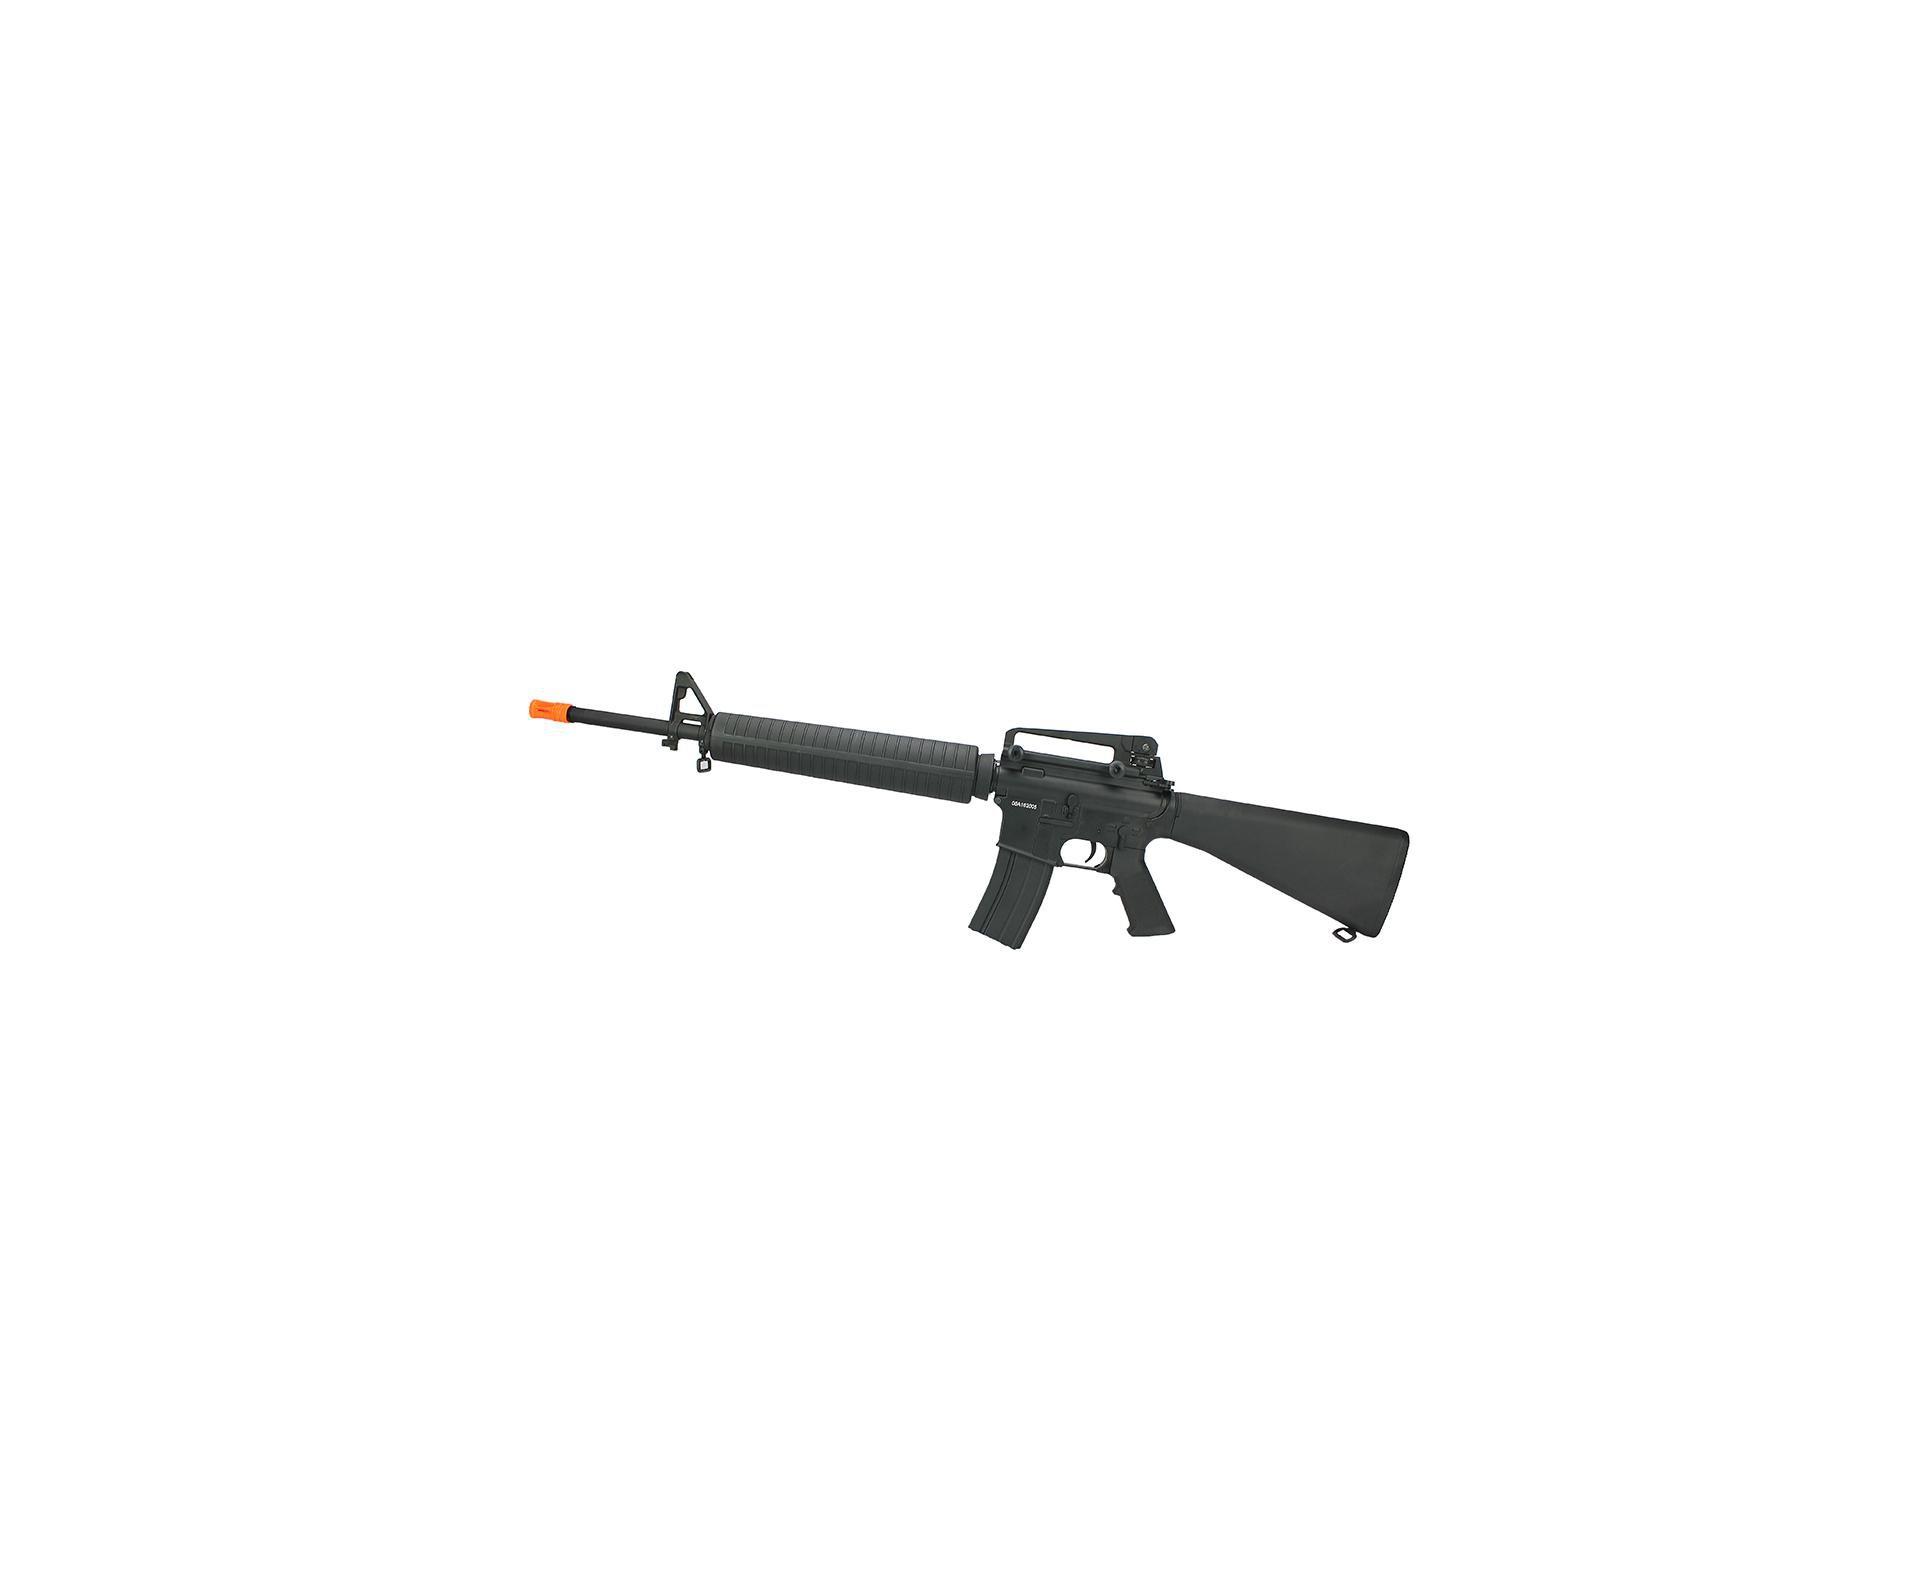 Rifle De Airsoft M16 Full Metal Cal 6mm Cm009 Bivolt - Cyma